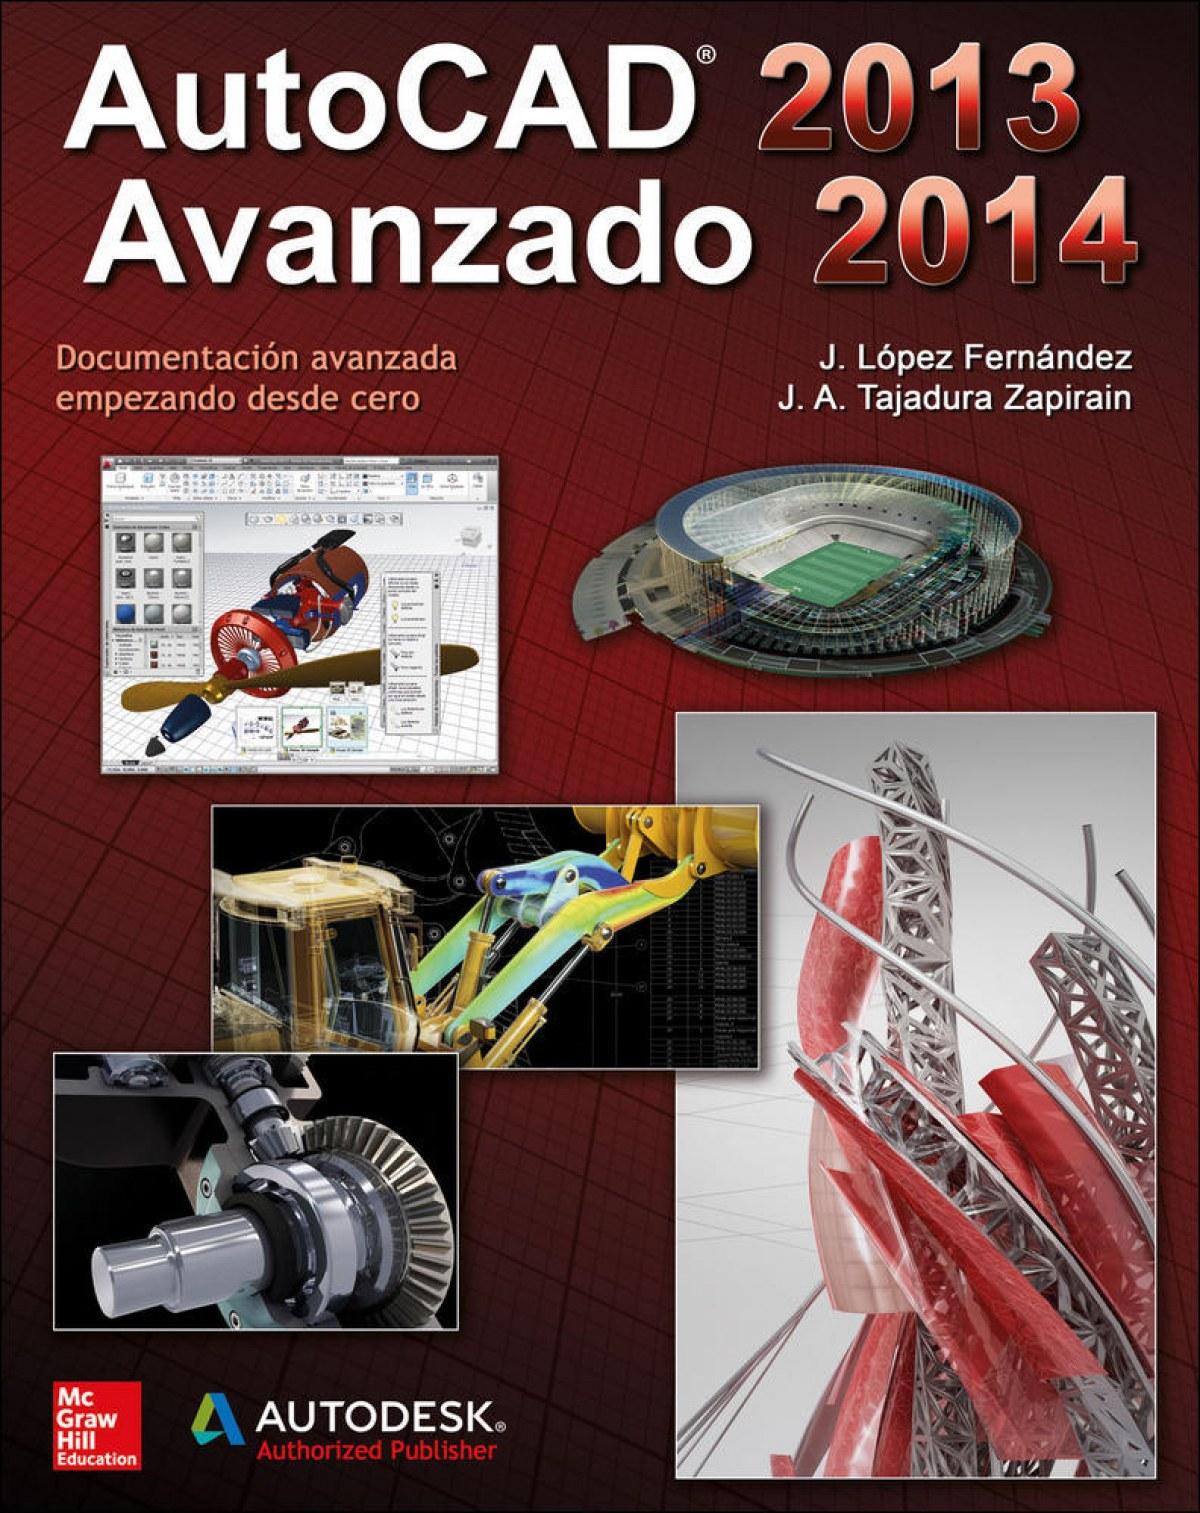 Autocad avanzado 2013-2014 9788448175344